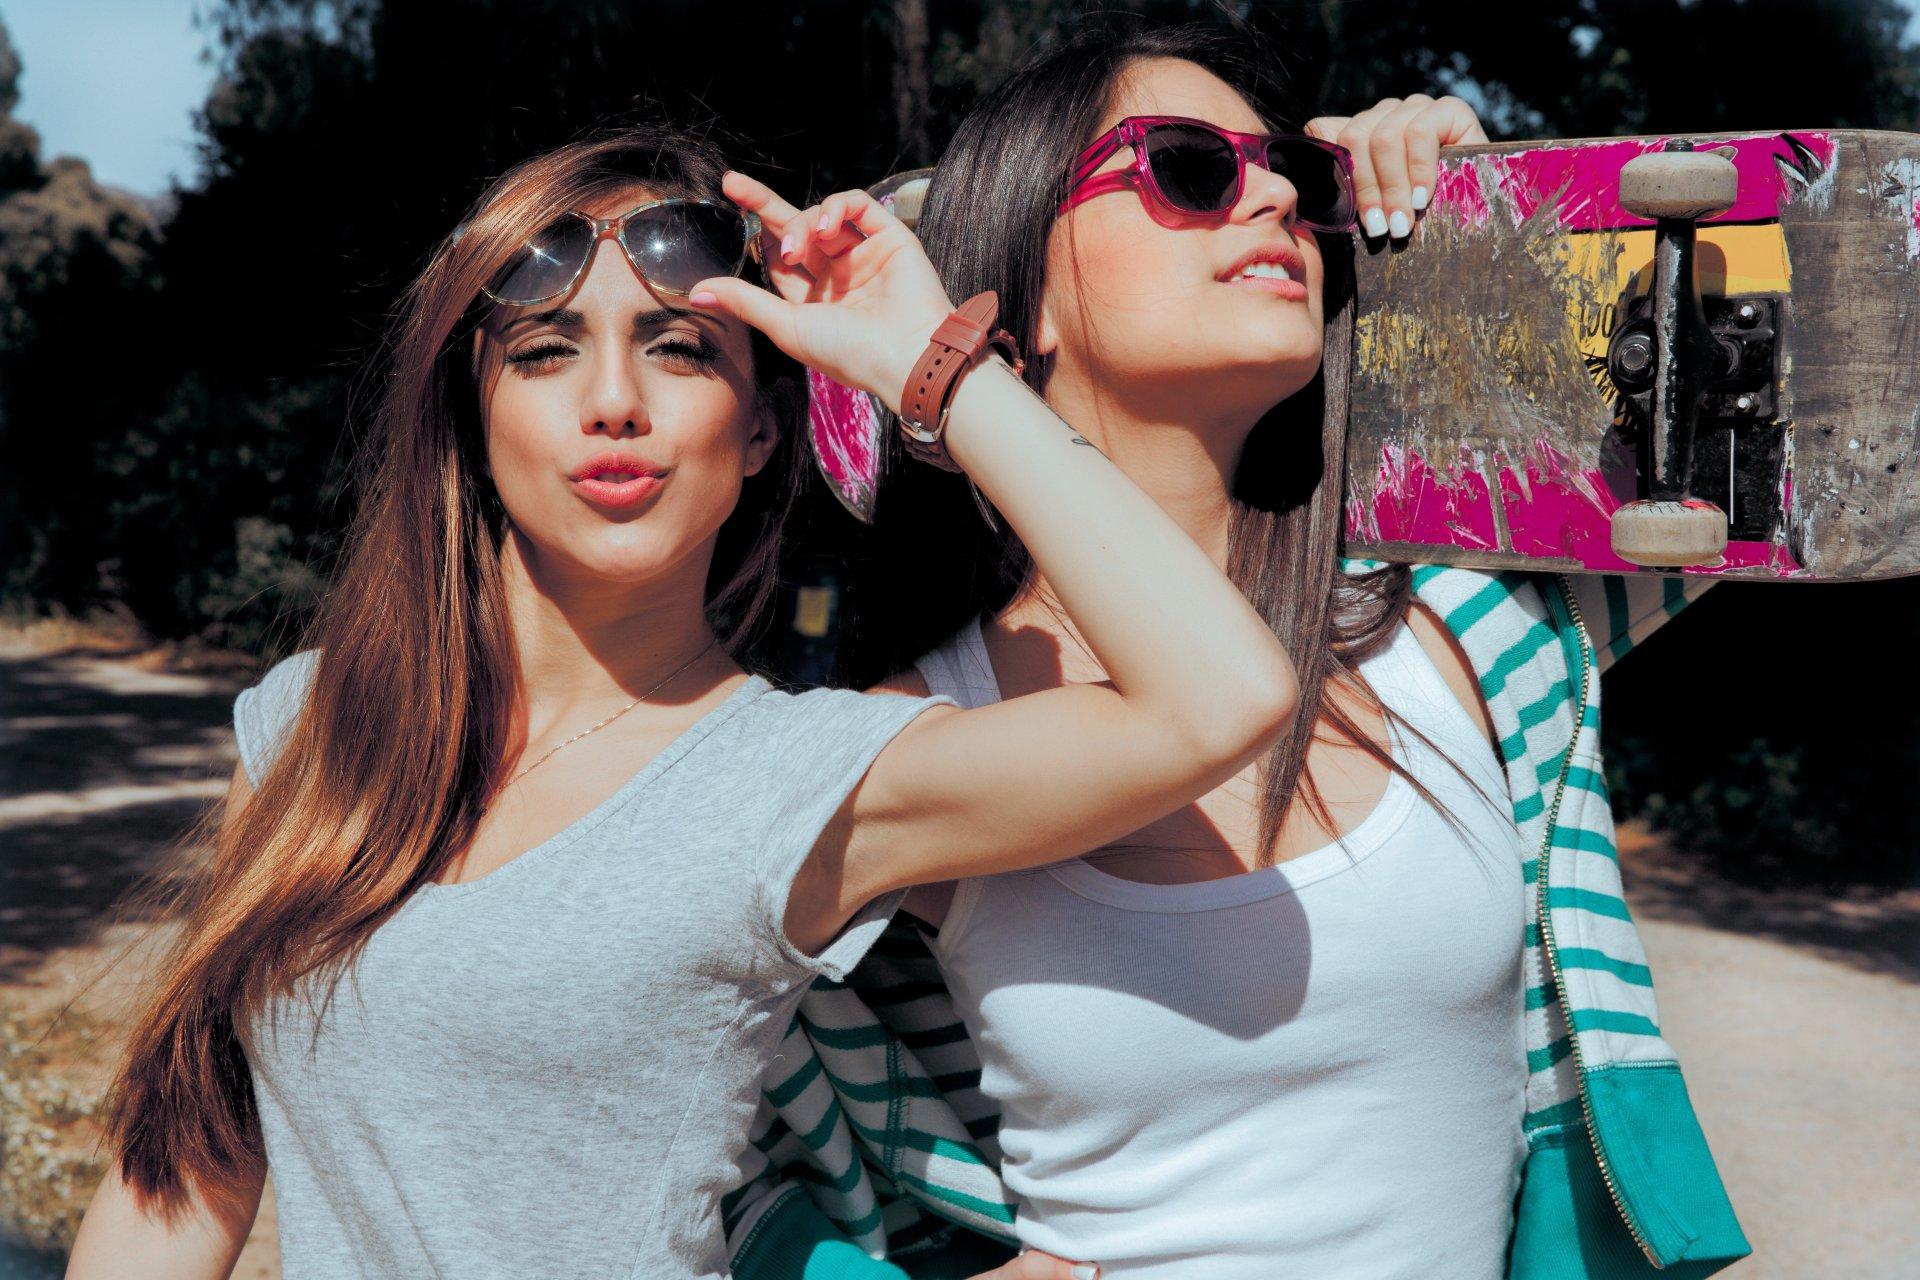 Приват модели beauty girl с подругой 17